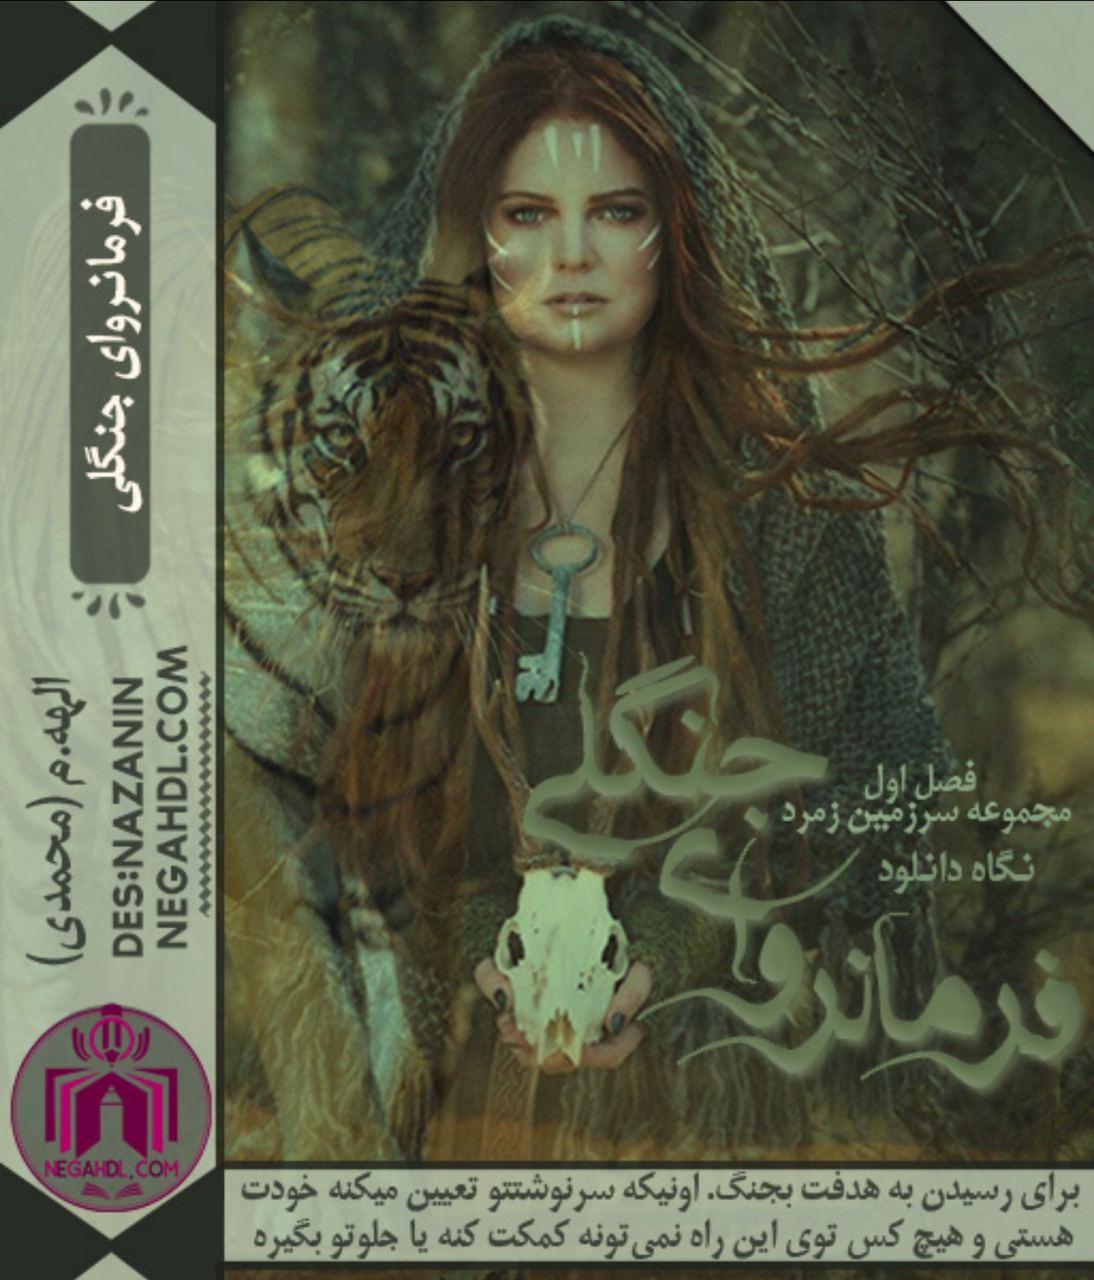 رمان فرمانروای جنگلی(فصل یک مجموعه سرزمین زمرد)